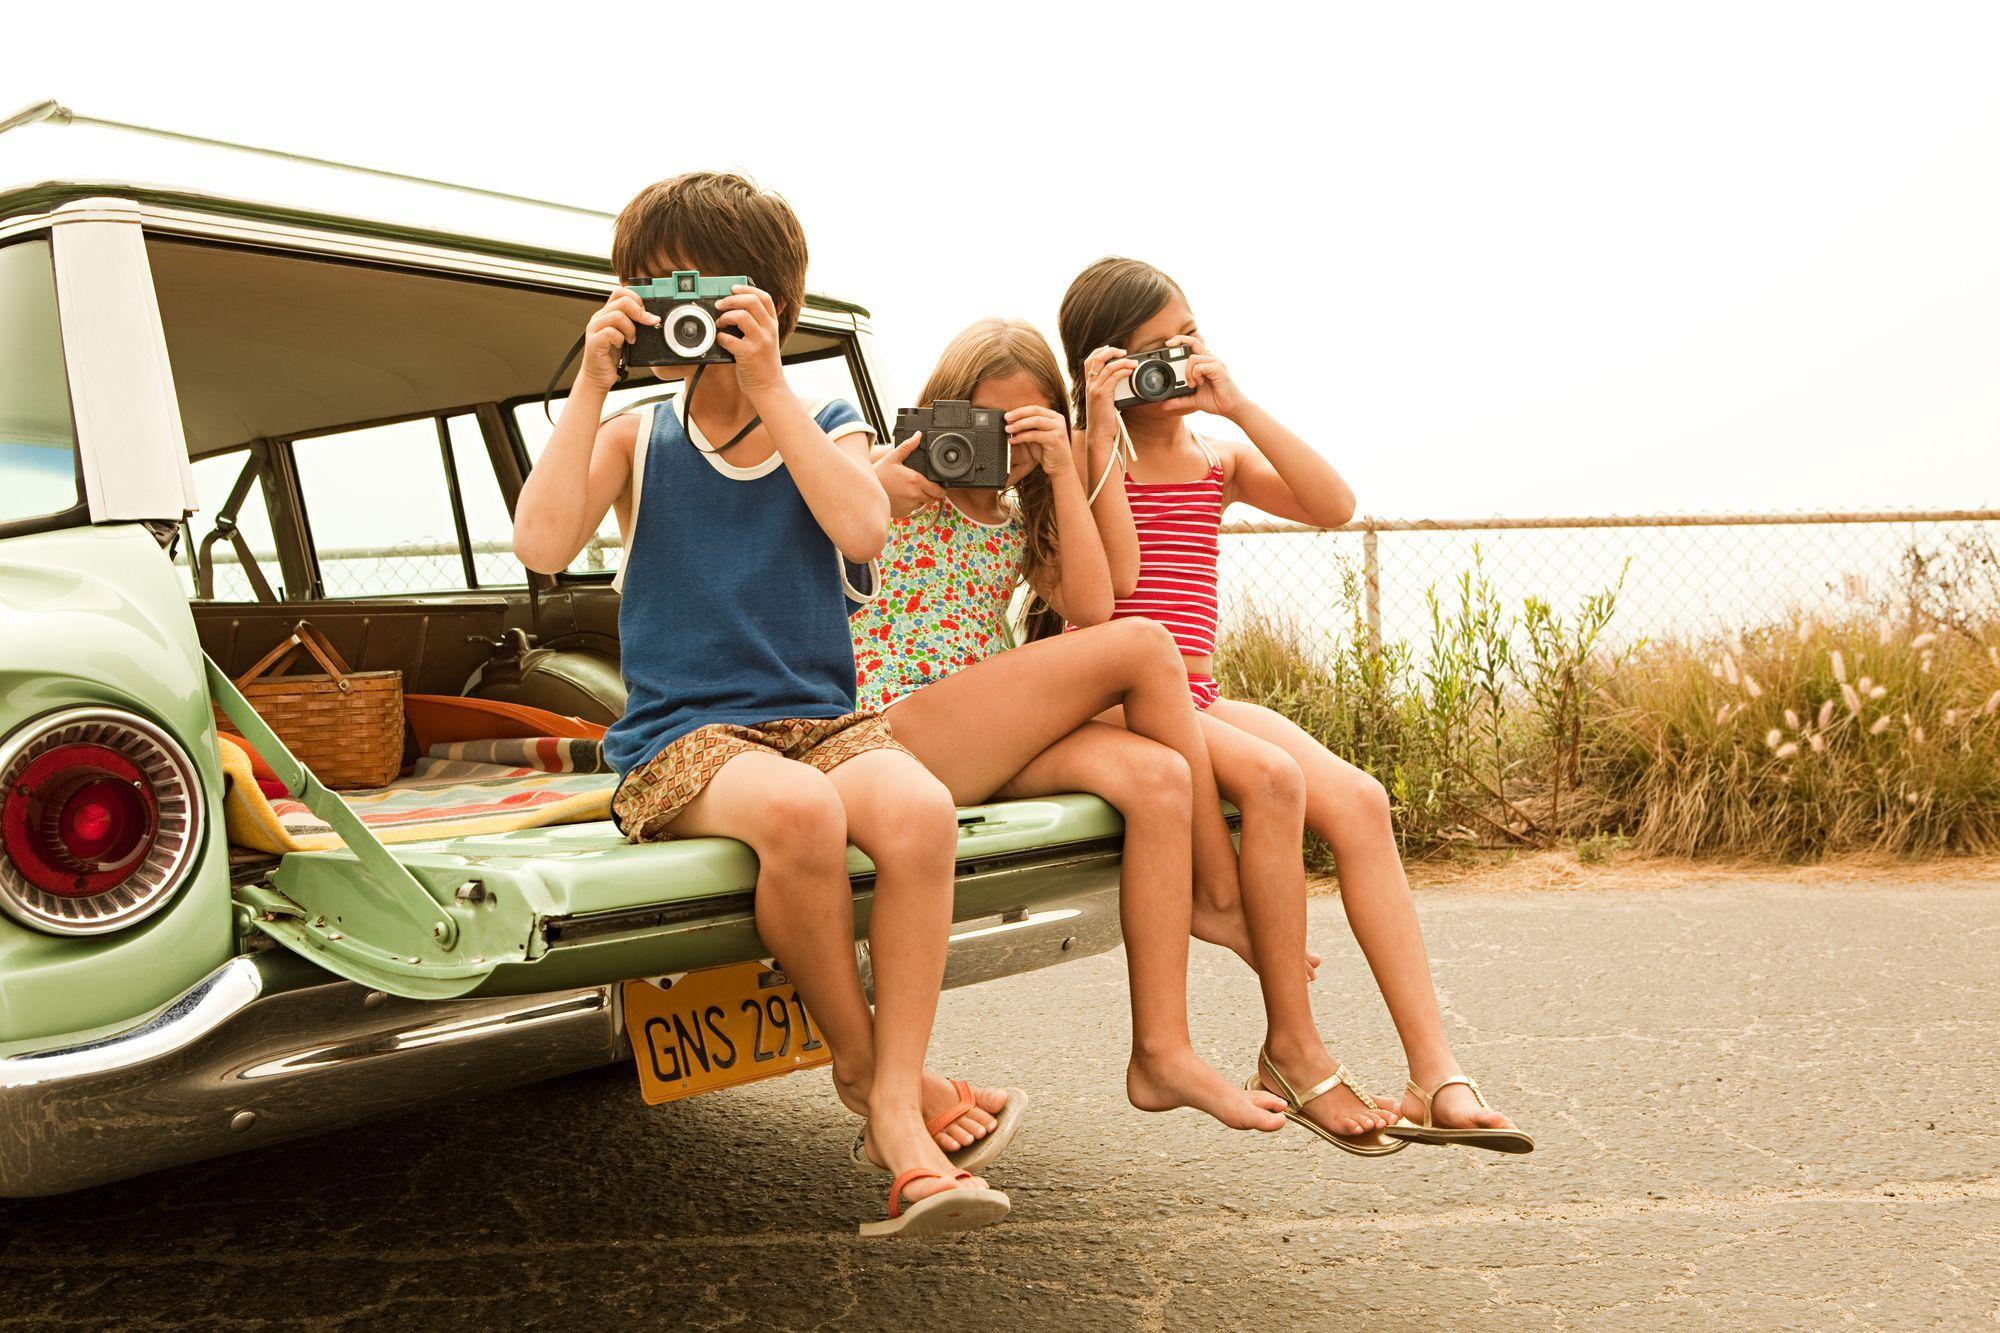 crianças-viagem-trocadecasa-família-férias-fotografia